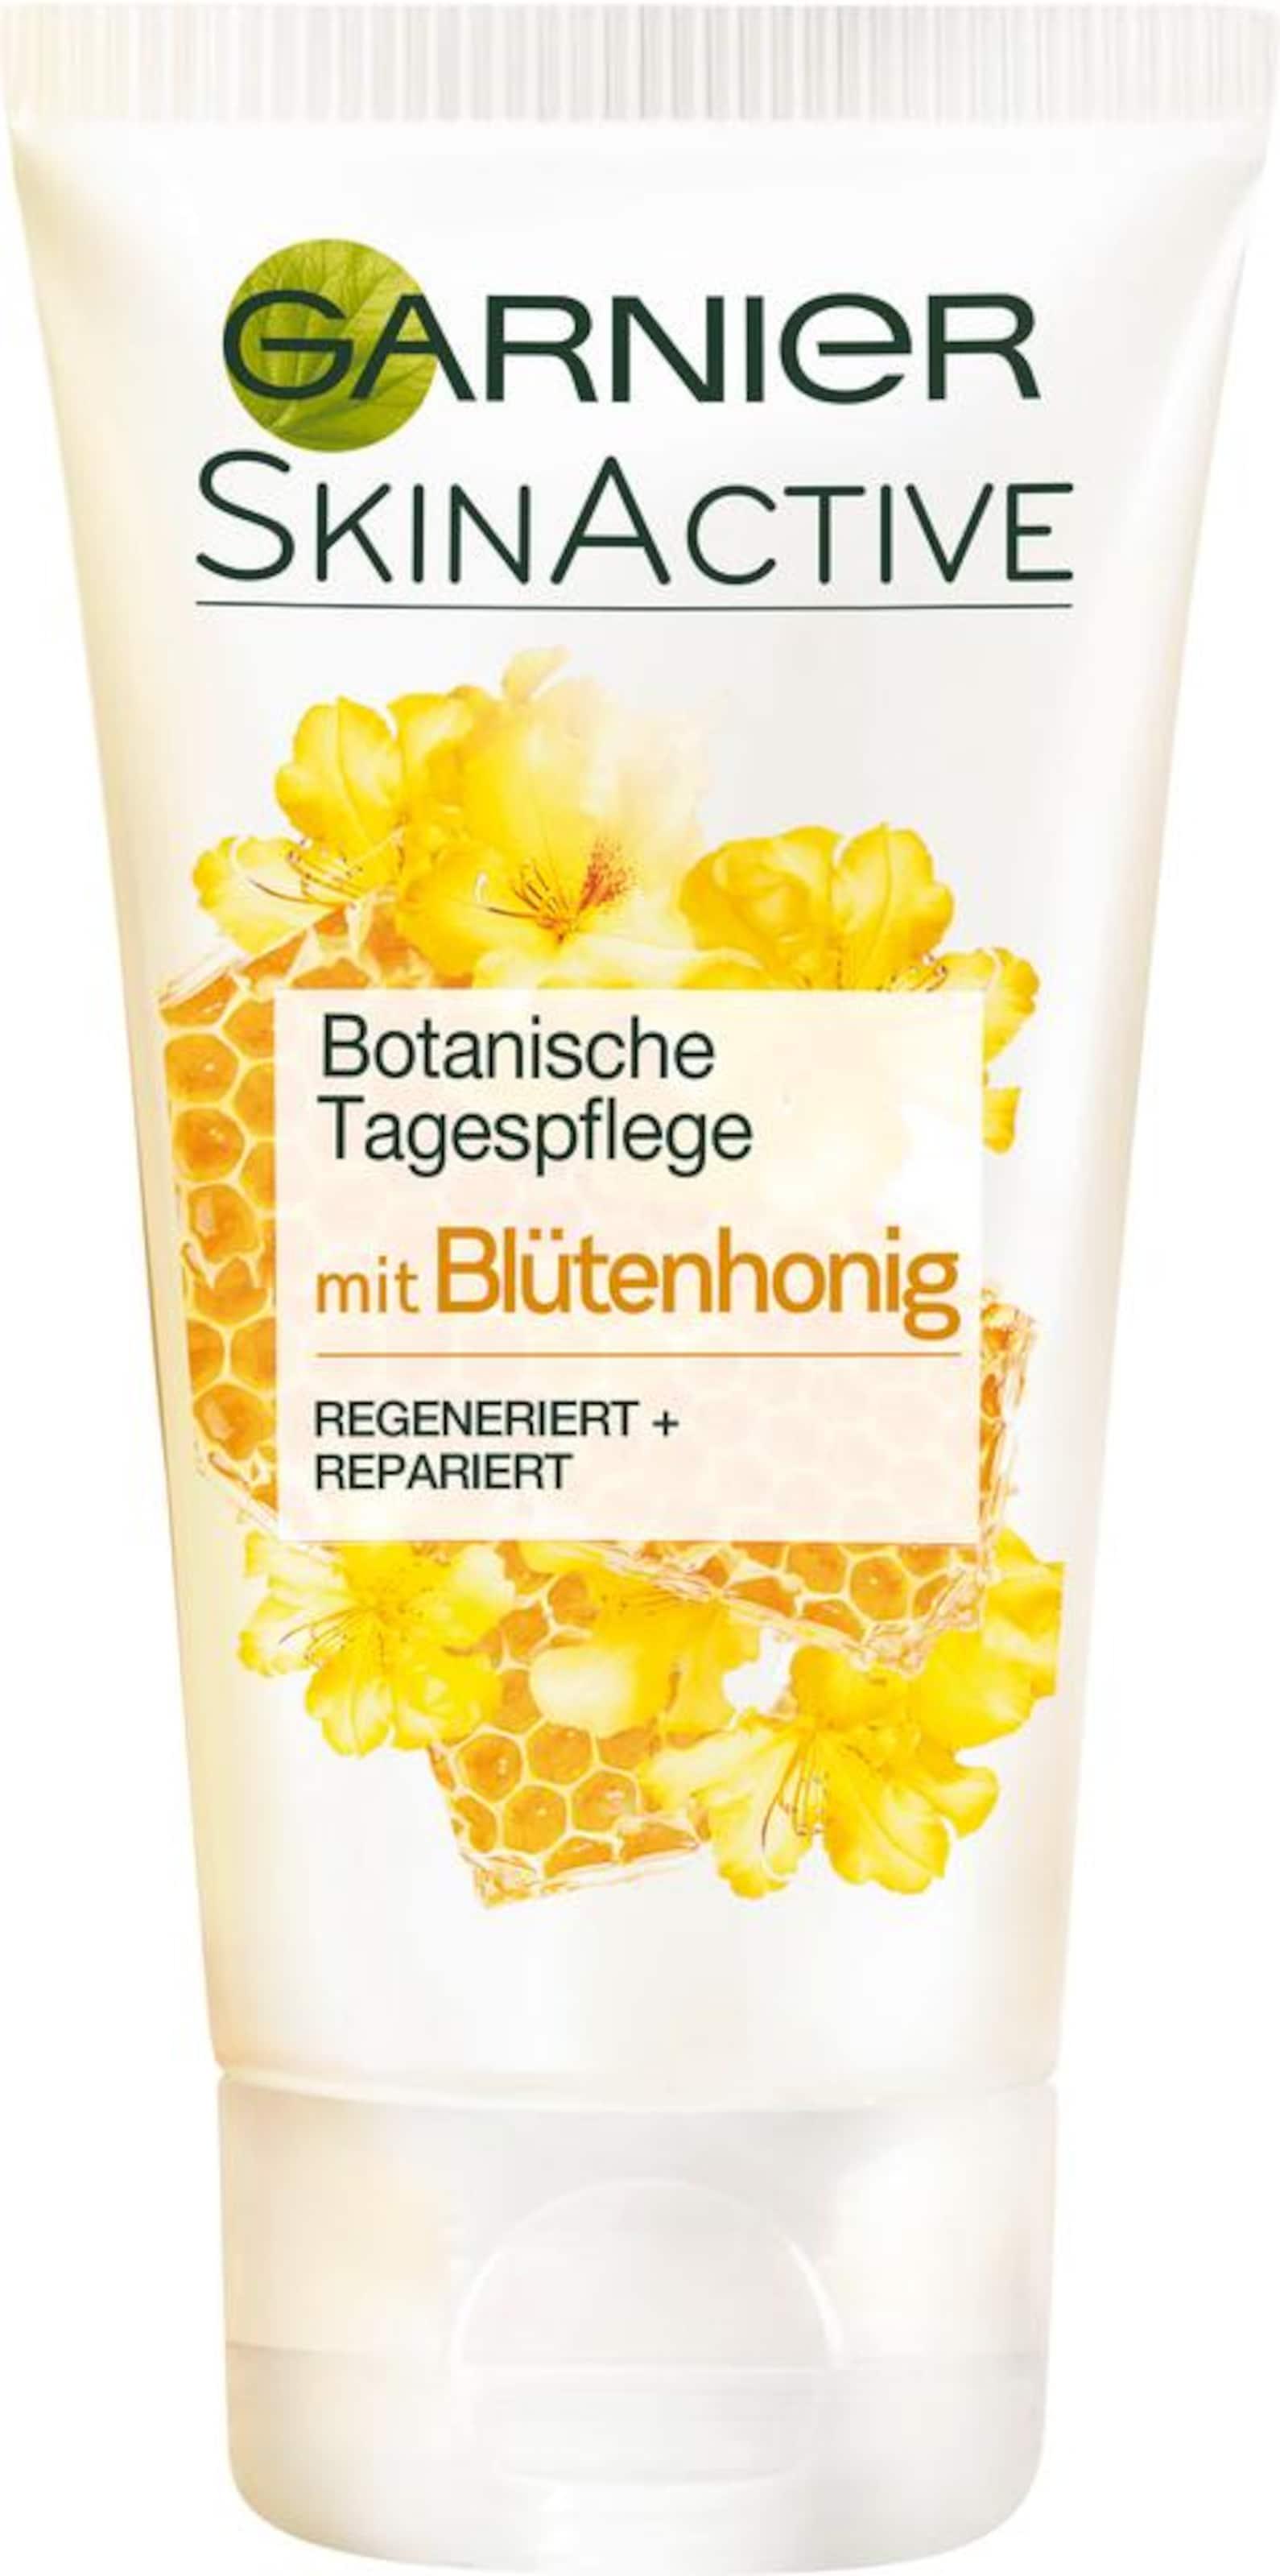 GARNIER 'Skin Active Feuchtigkeitscreme Honig', Gesichtspflege